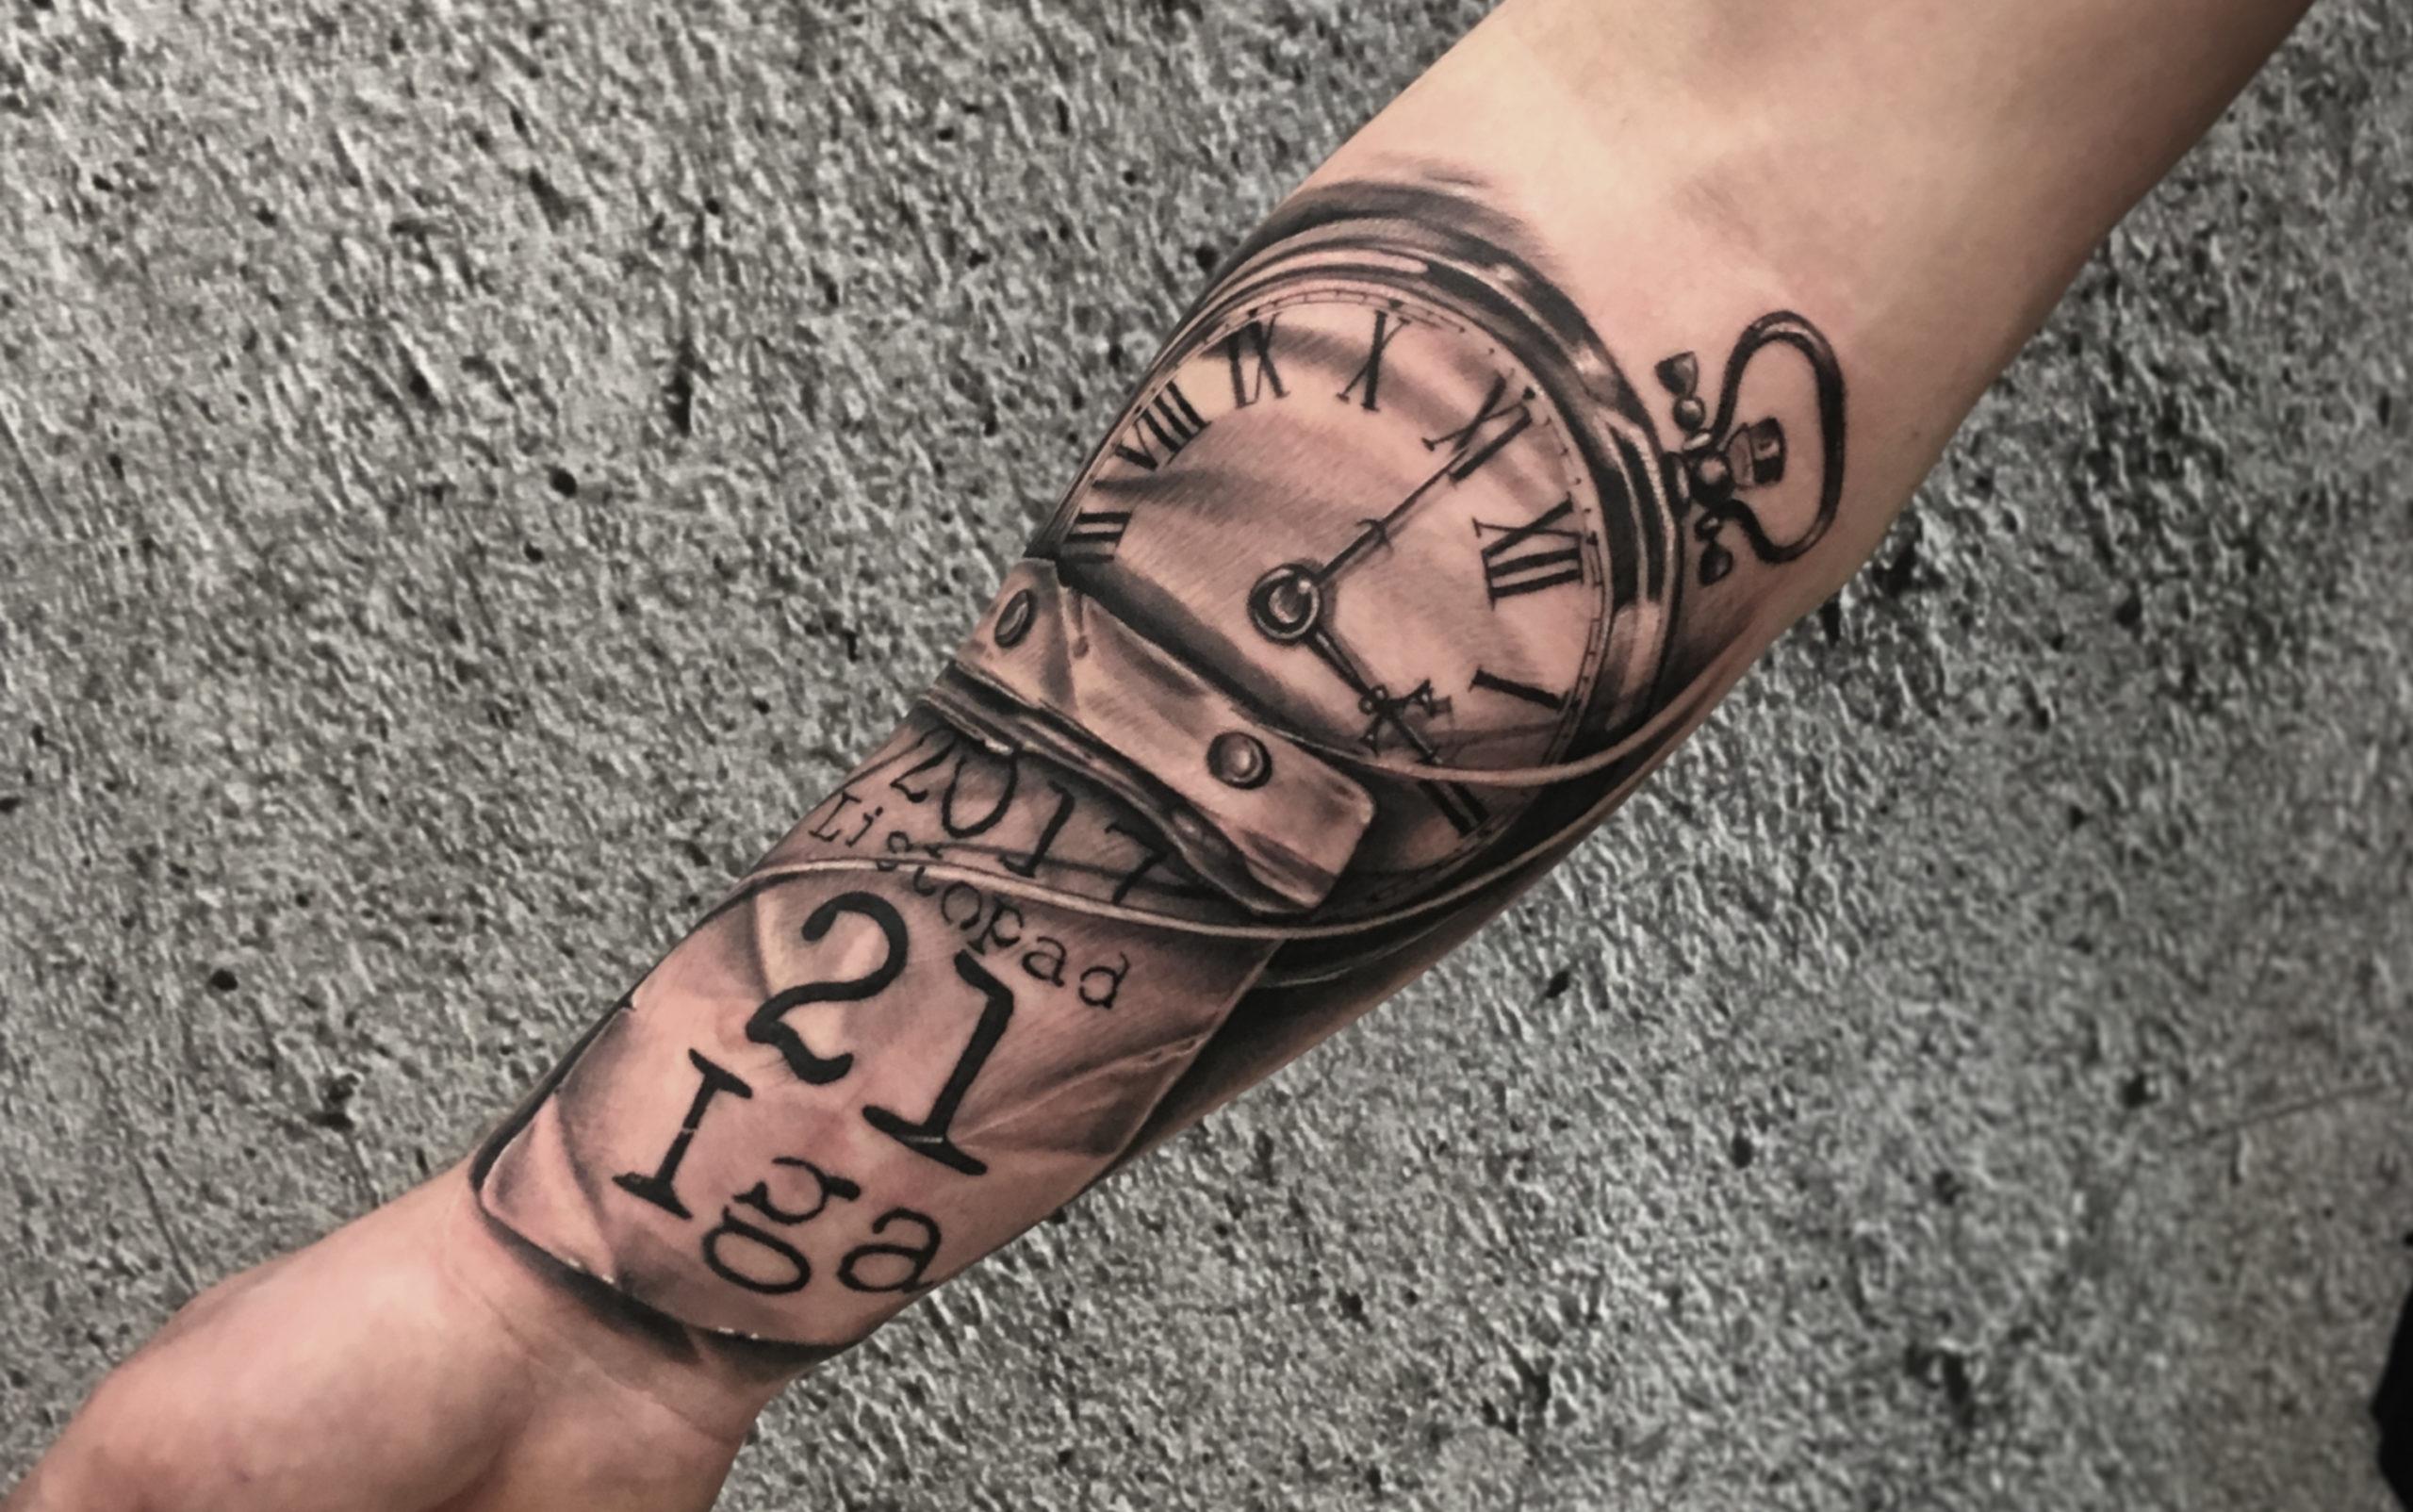 tatuaz cieniowany przedramie zegar dzieci jak zostać tatuażystą